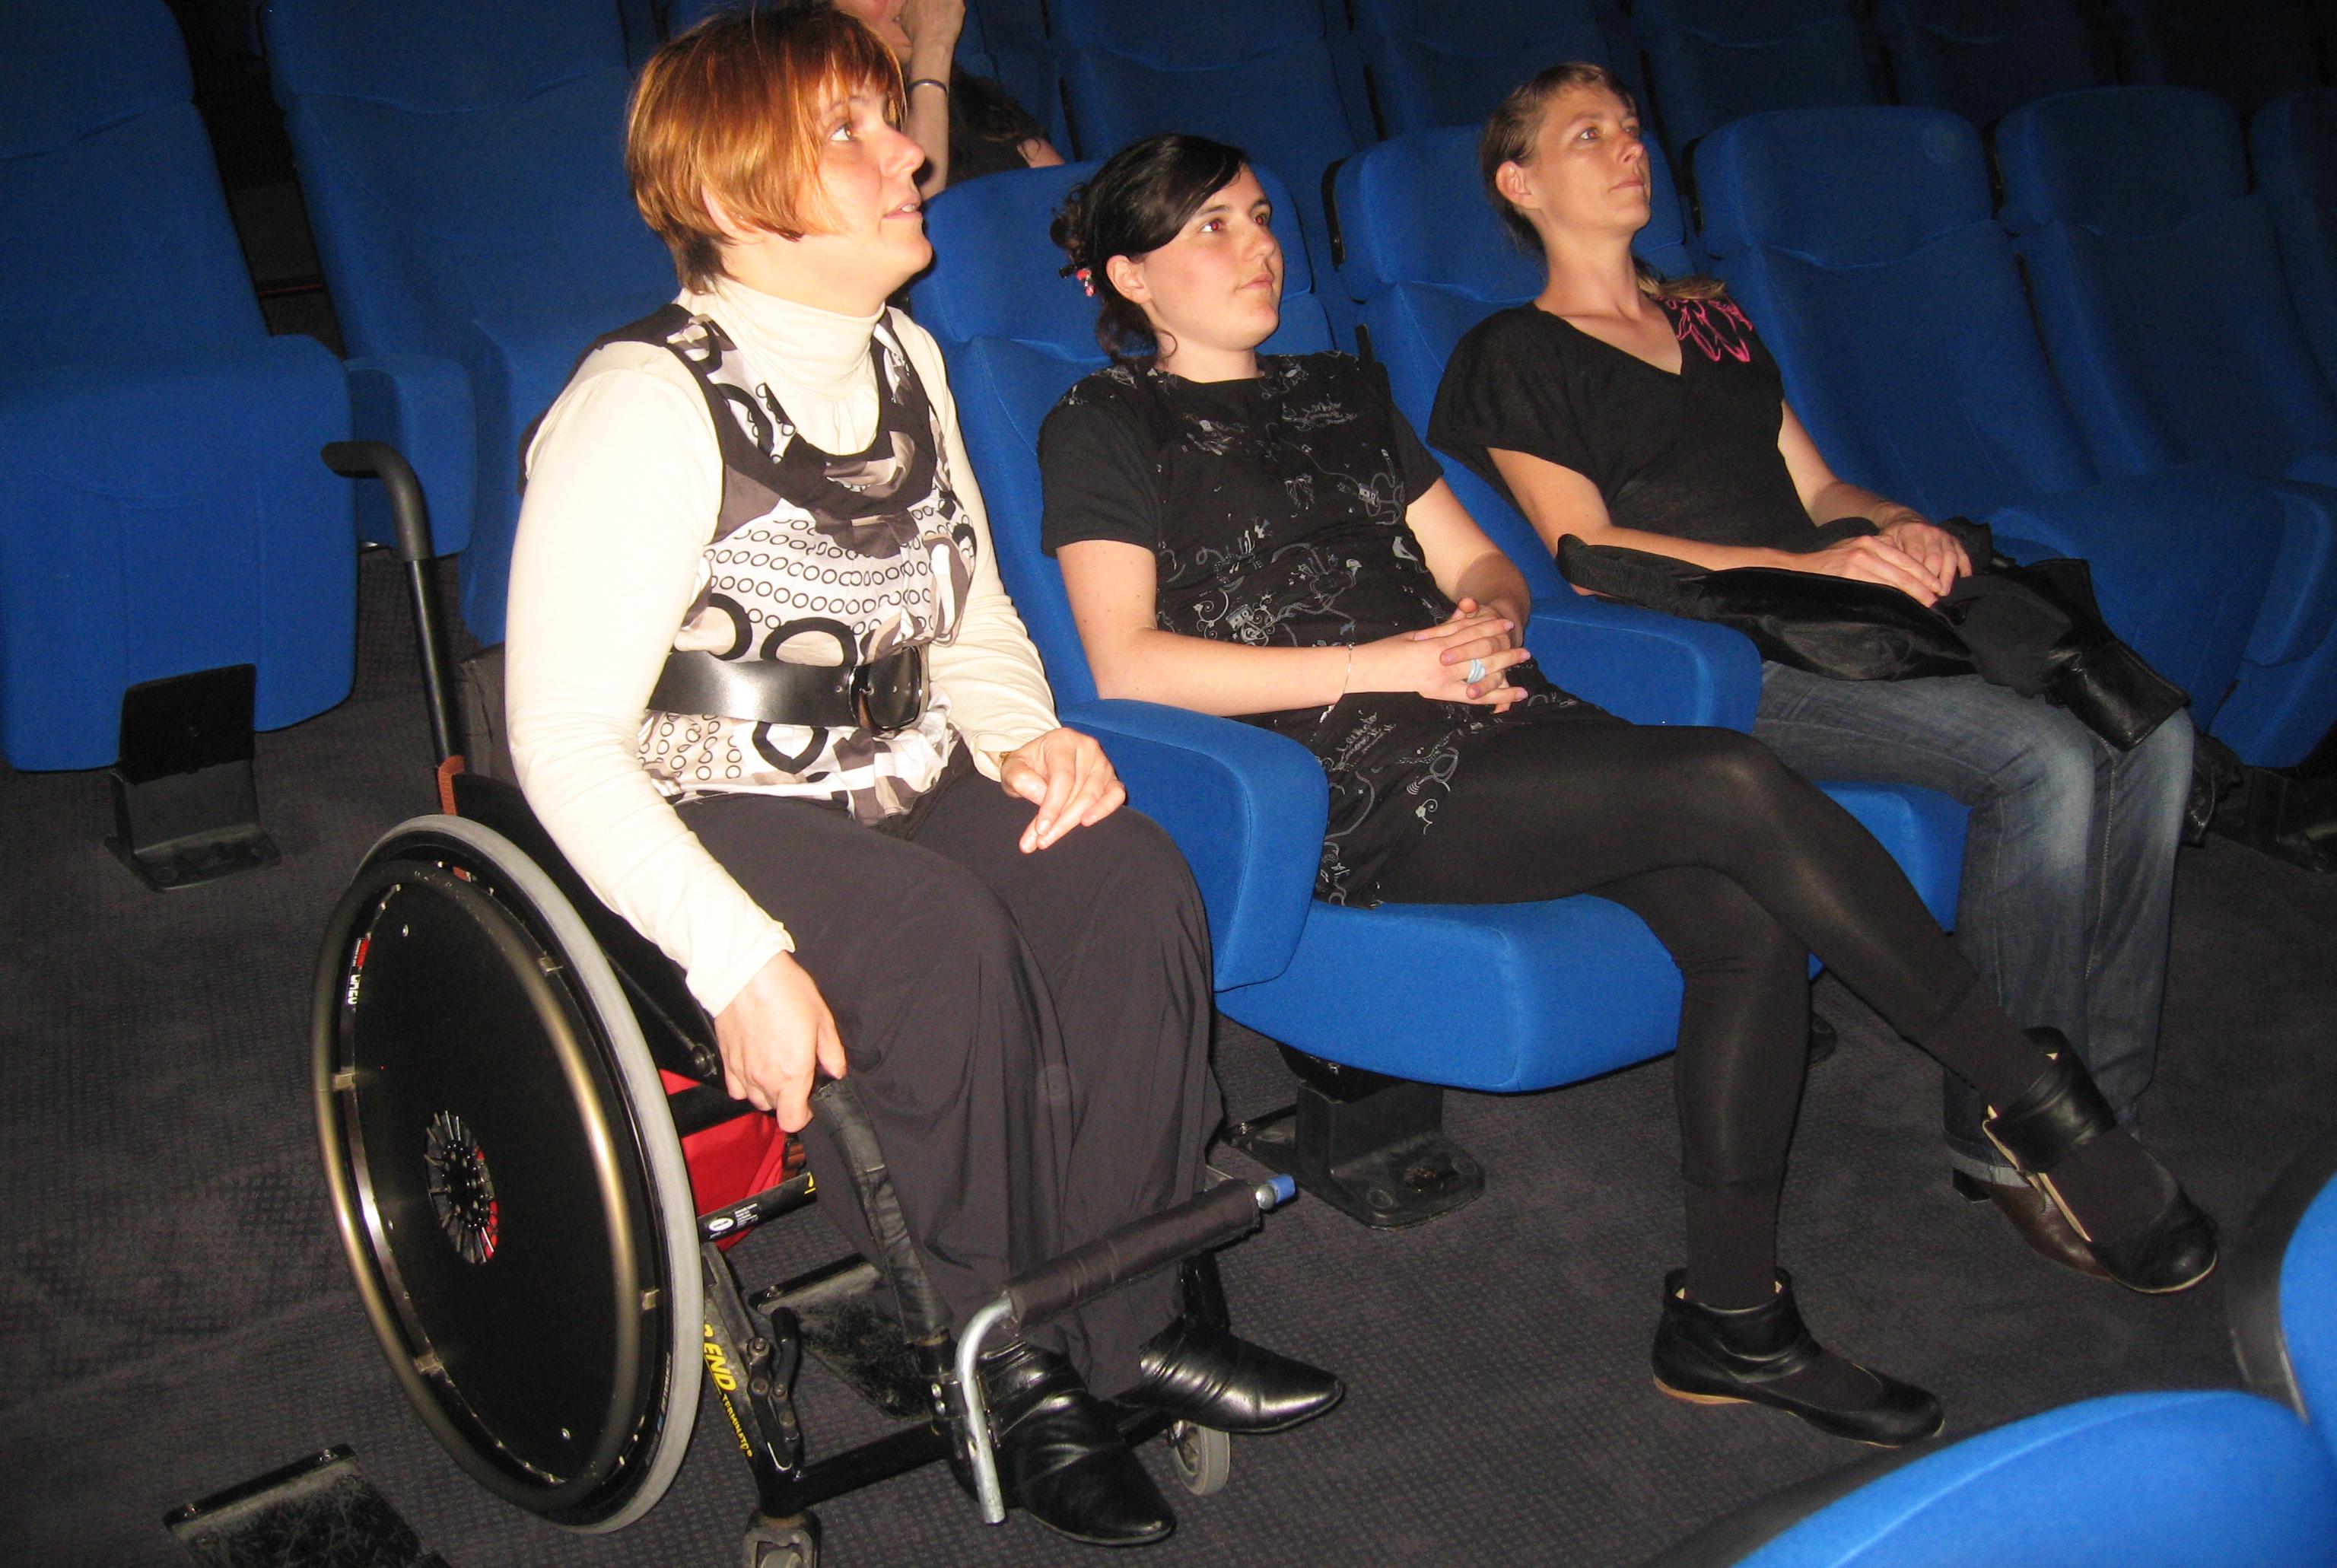 légende photo : une personne en fauteuil roulant au Planétarium